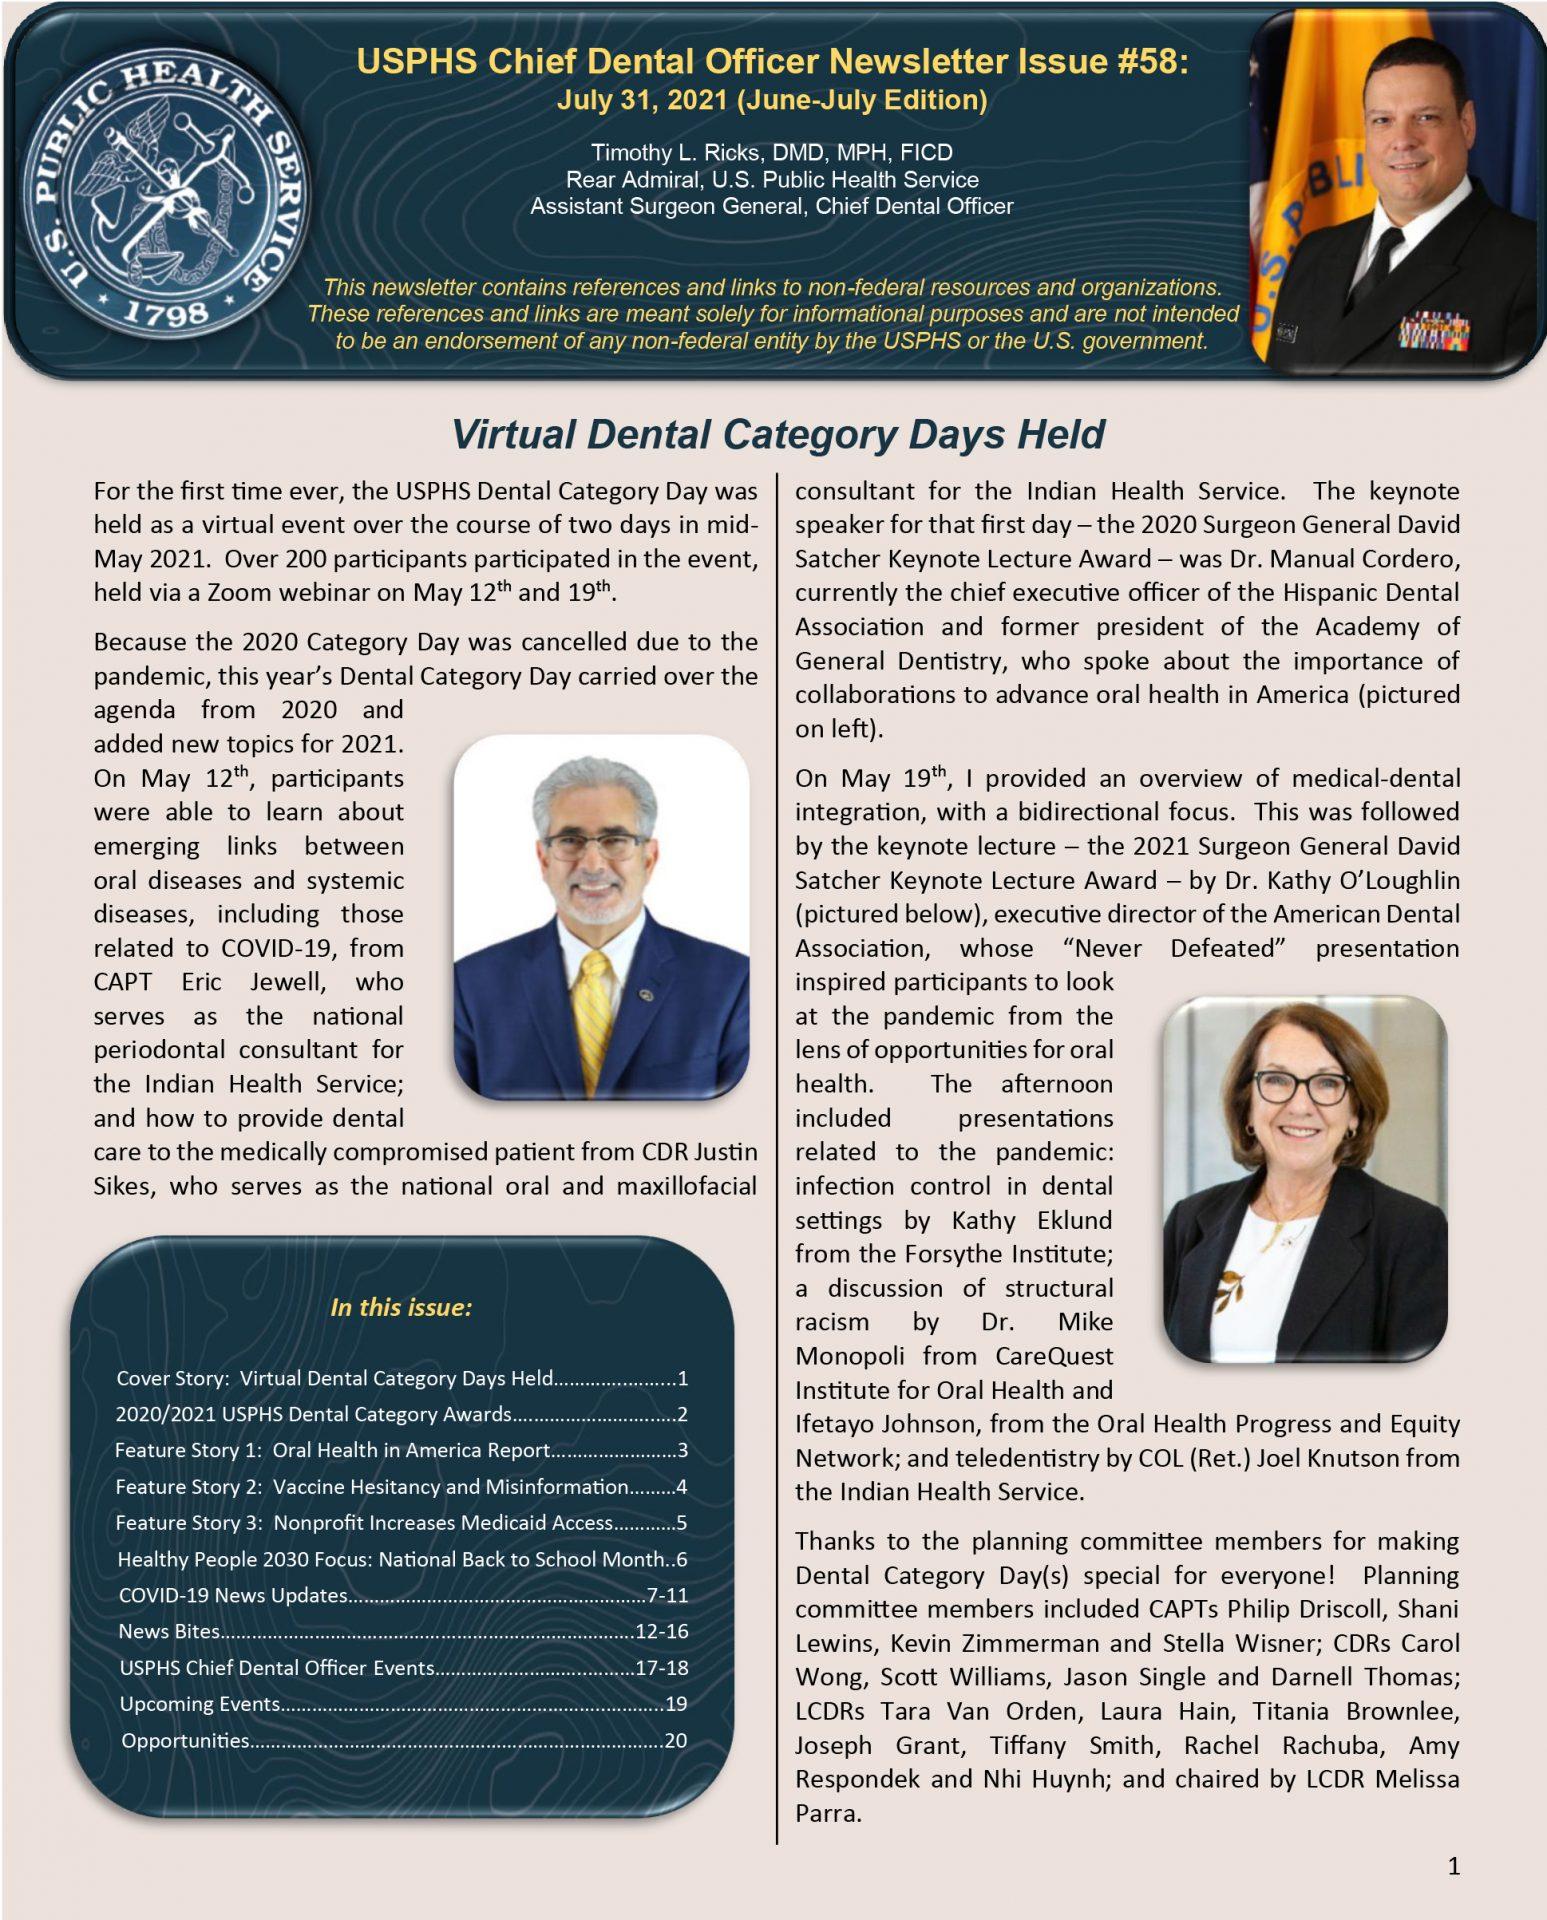 USPHS Chief Dental Officer Newsletter June-July 2021